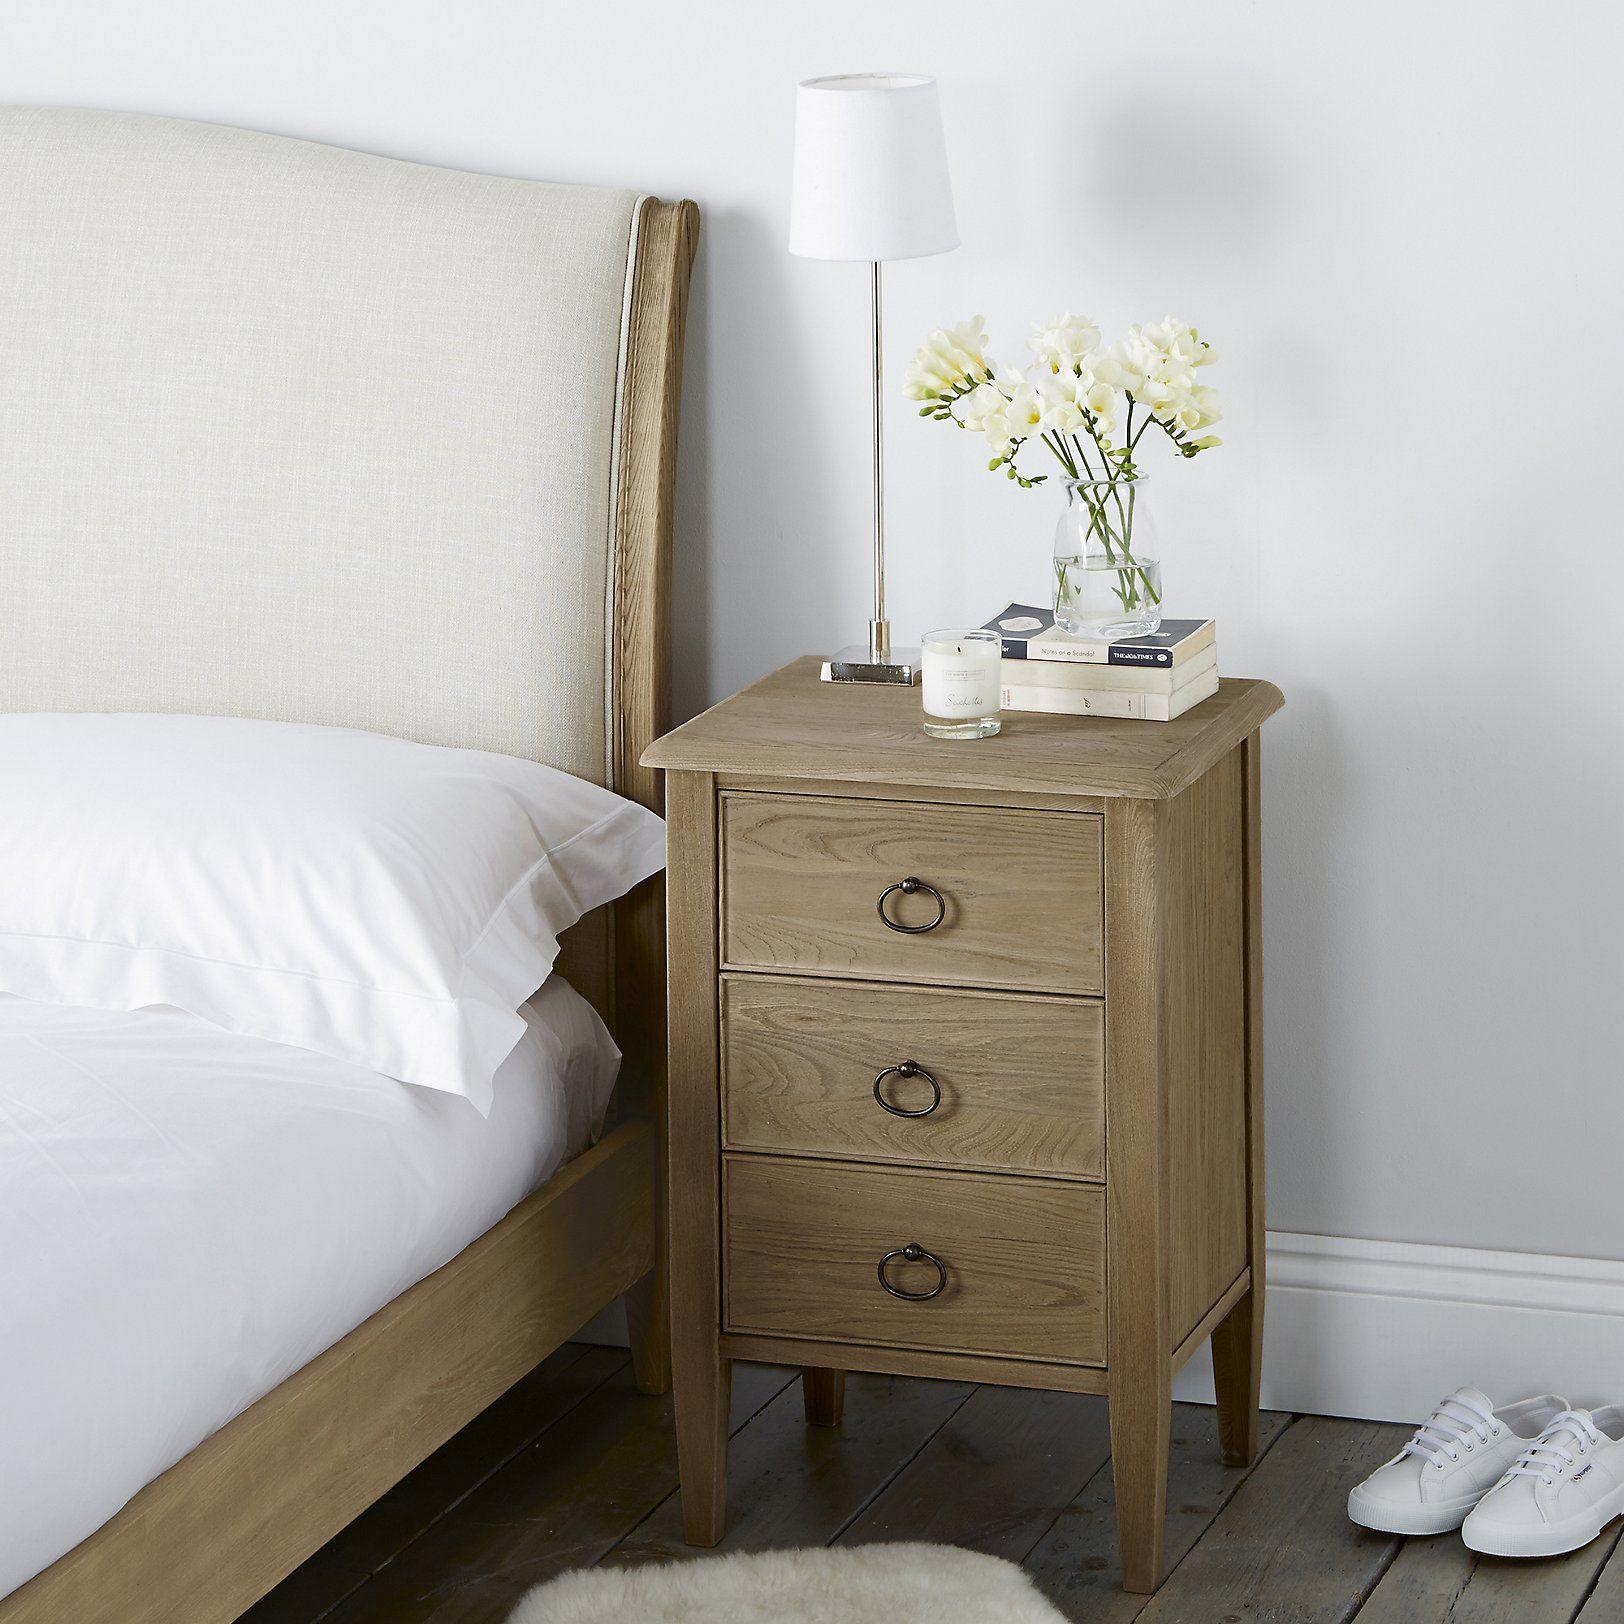 nachttisch schmal free schmal nachttisch eine letzte sache die sie tun mssen bei der auswahl. Black Bedroom Furniture Sets. Home Design Ideas